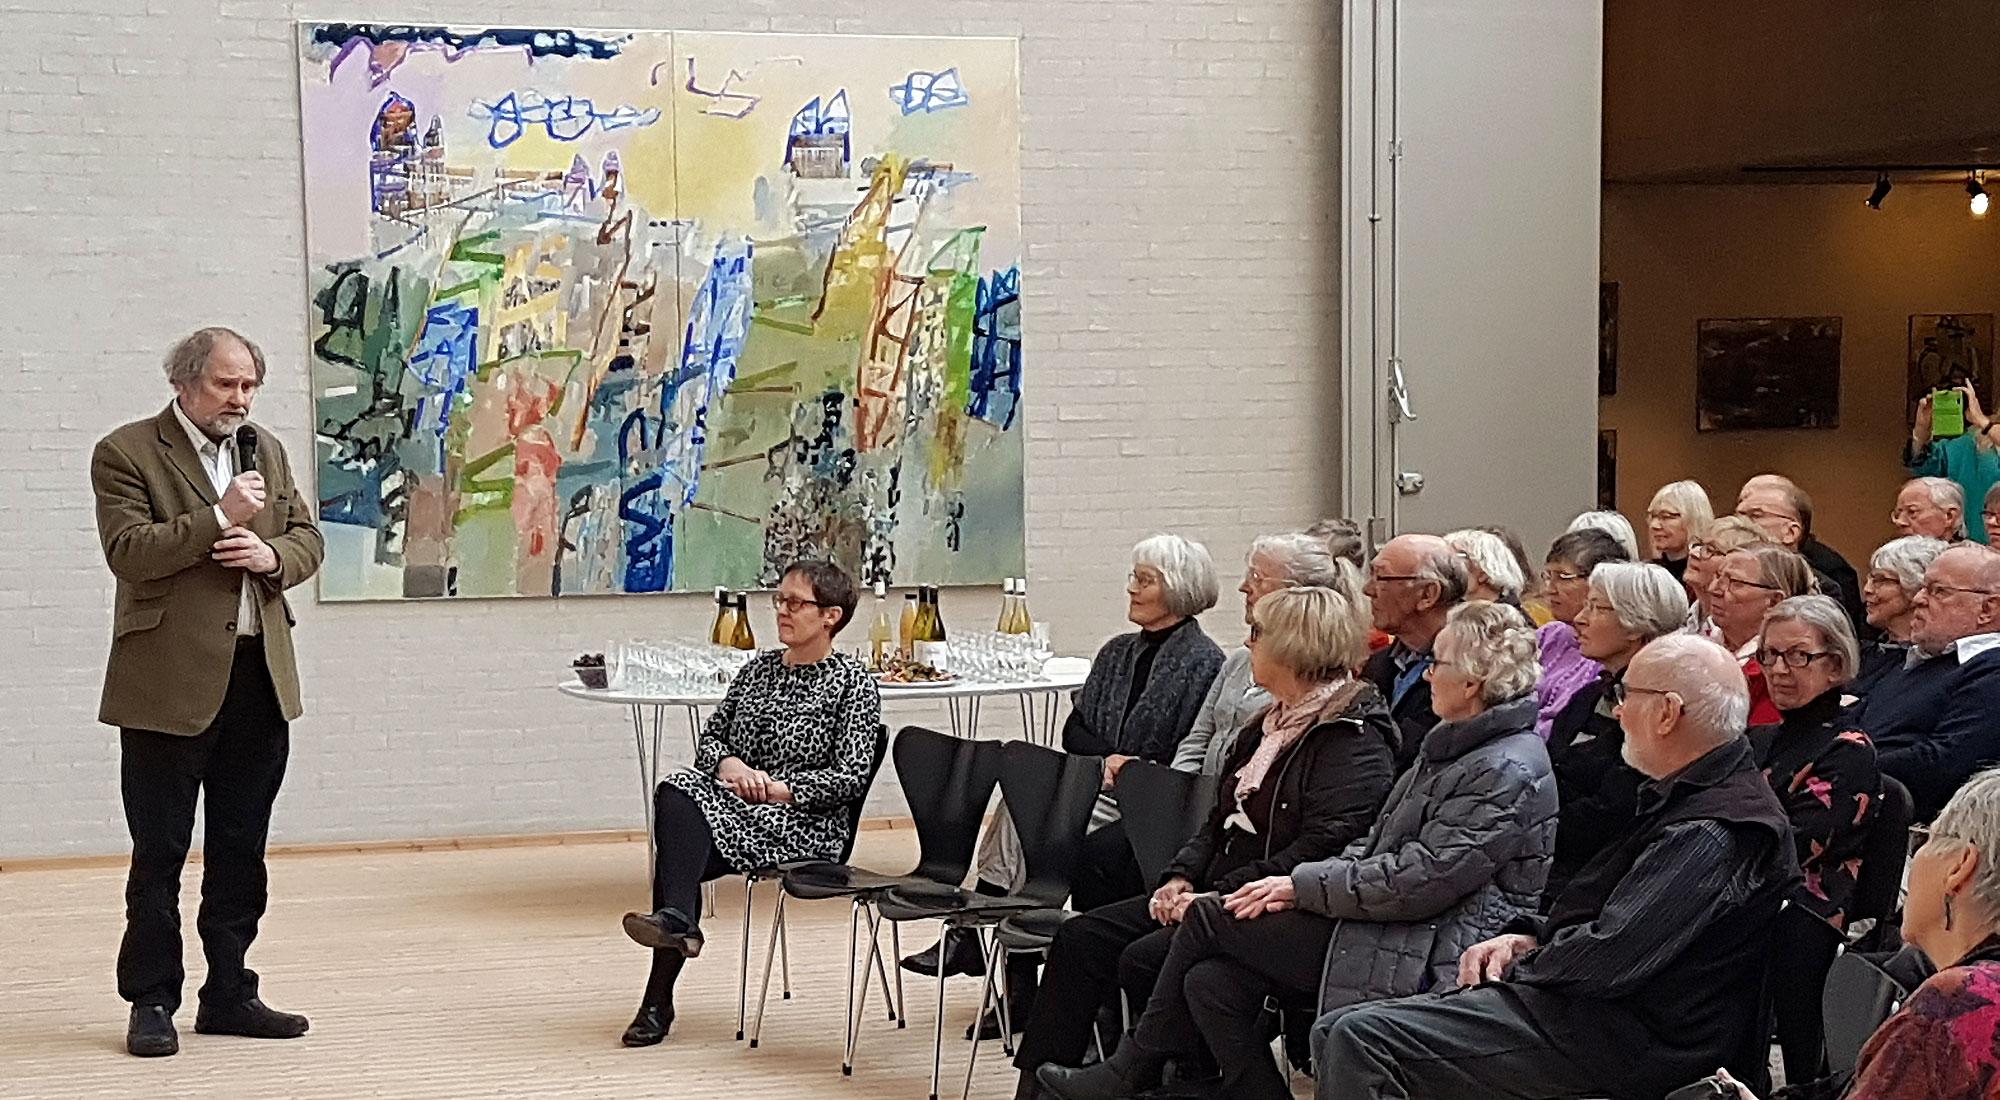 Bárður Jákupsson taler for et publikum til fernisering på Himmerlands Kunstmuseum